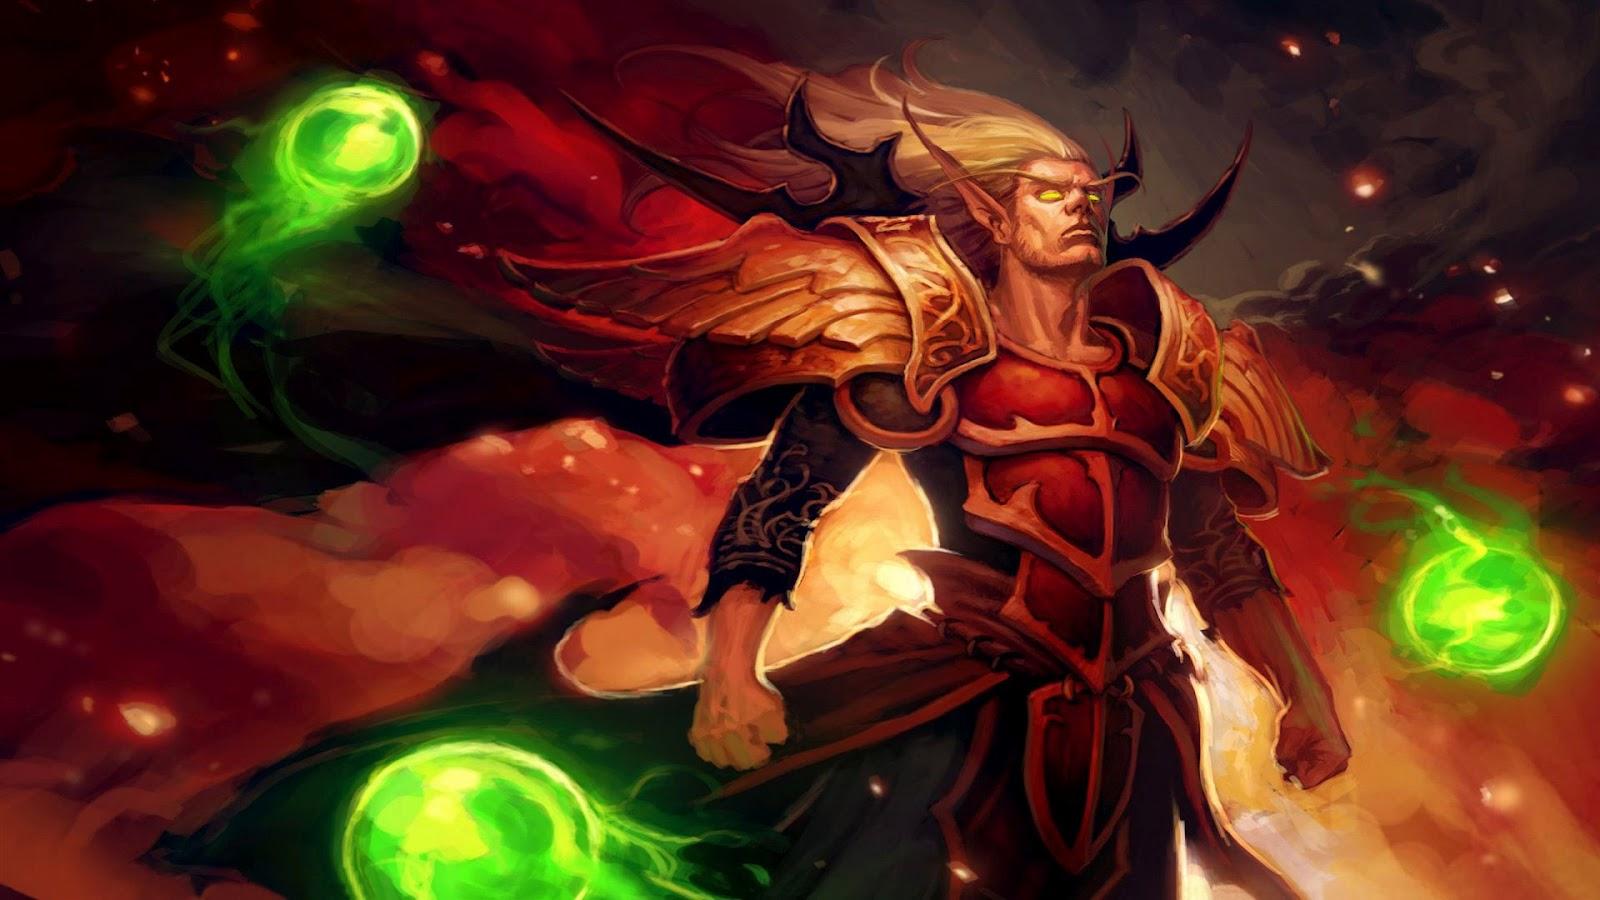 http://4.bp.blogspot.com/-UTJXGmMNu9Y/UA6qj9cHKsI/AAAAAAAAA5M/IjX0hKQJrsU/s1600/world-of-warcraft-online-game-wallpaper_1920x1080_85690.jpg